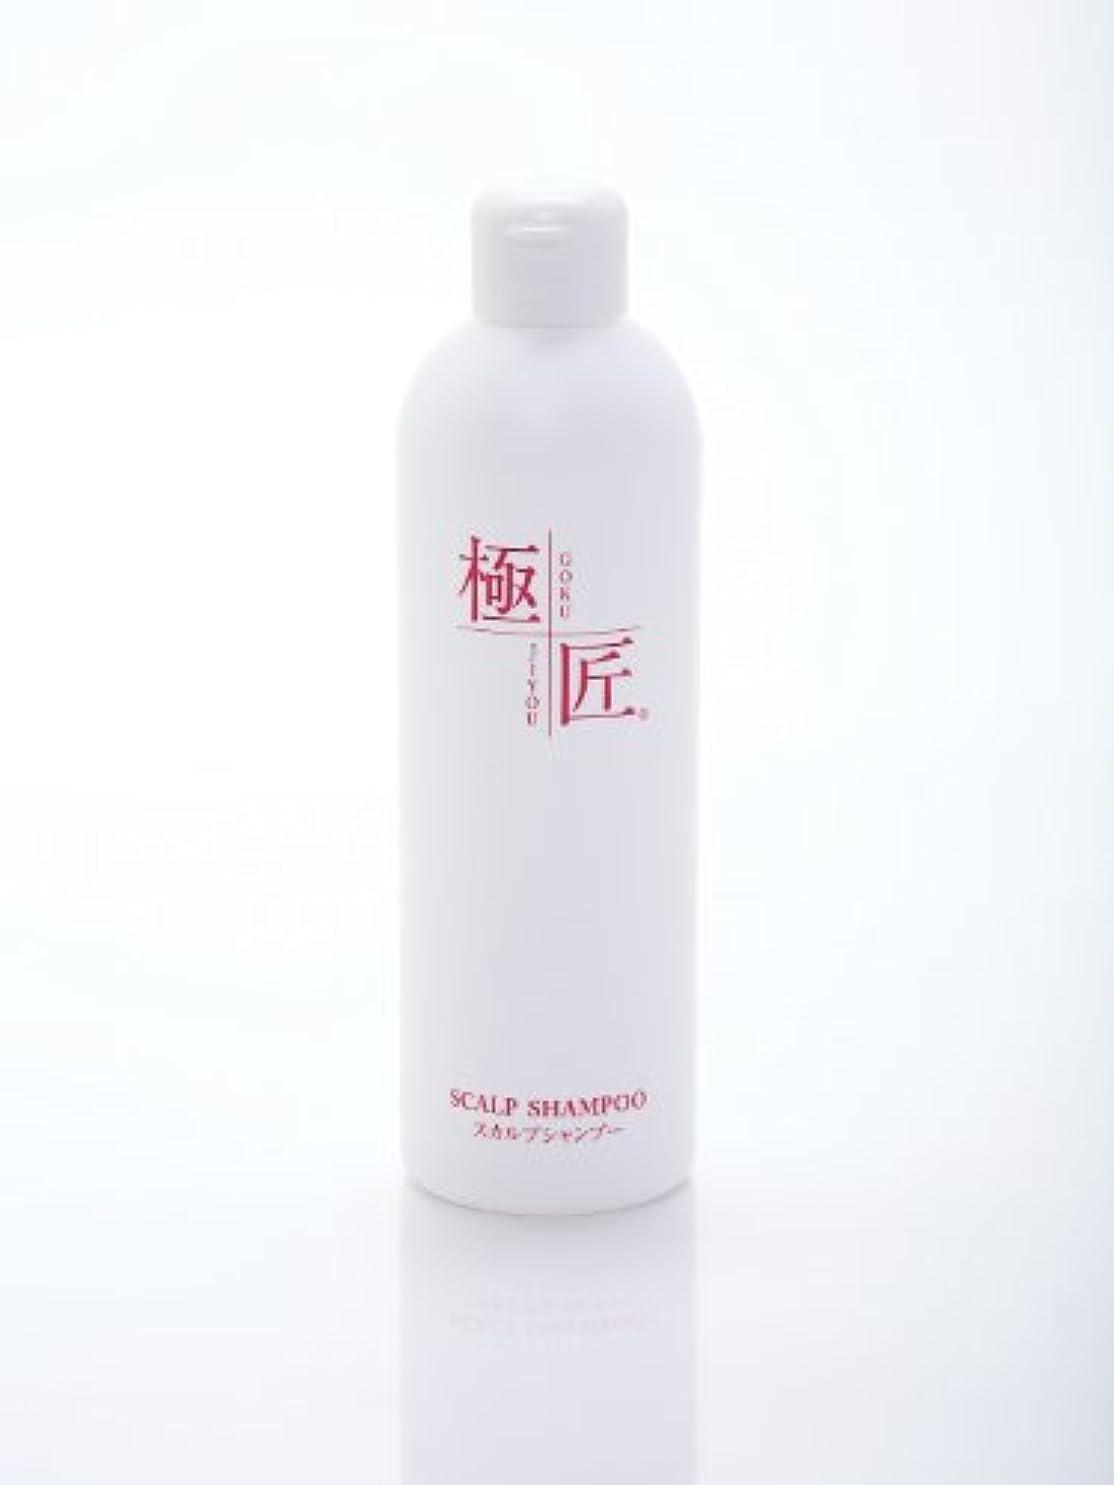 花瓶会計士唇極匠スカルプシャンプー 300ml (無香料)